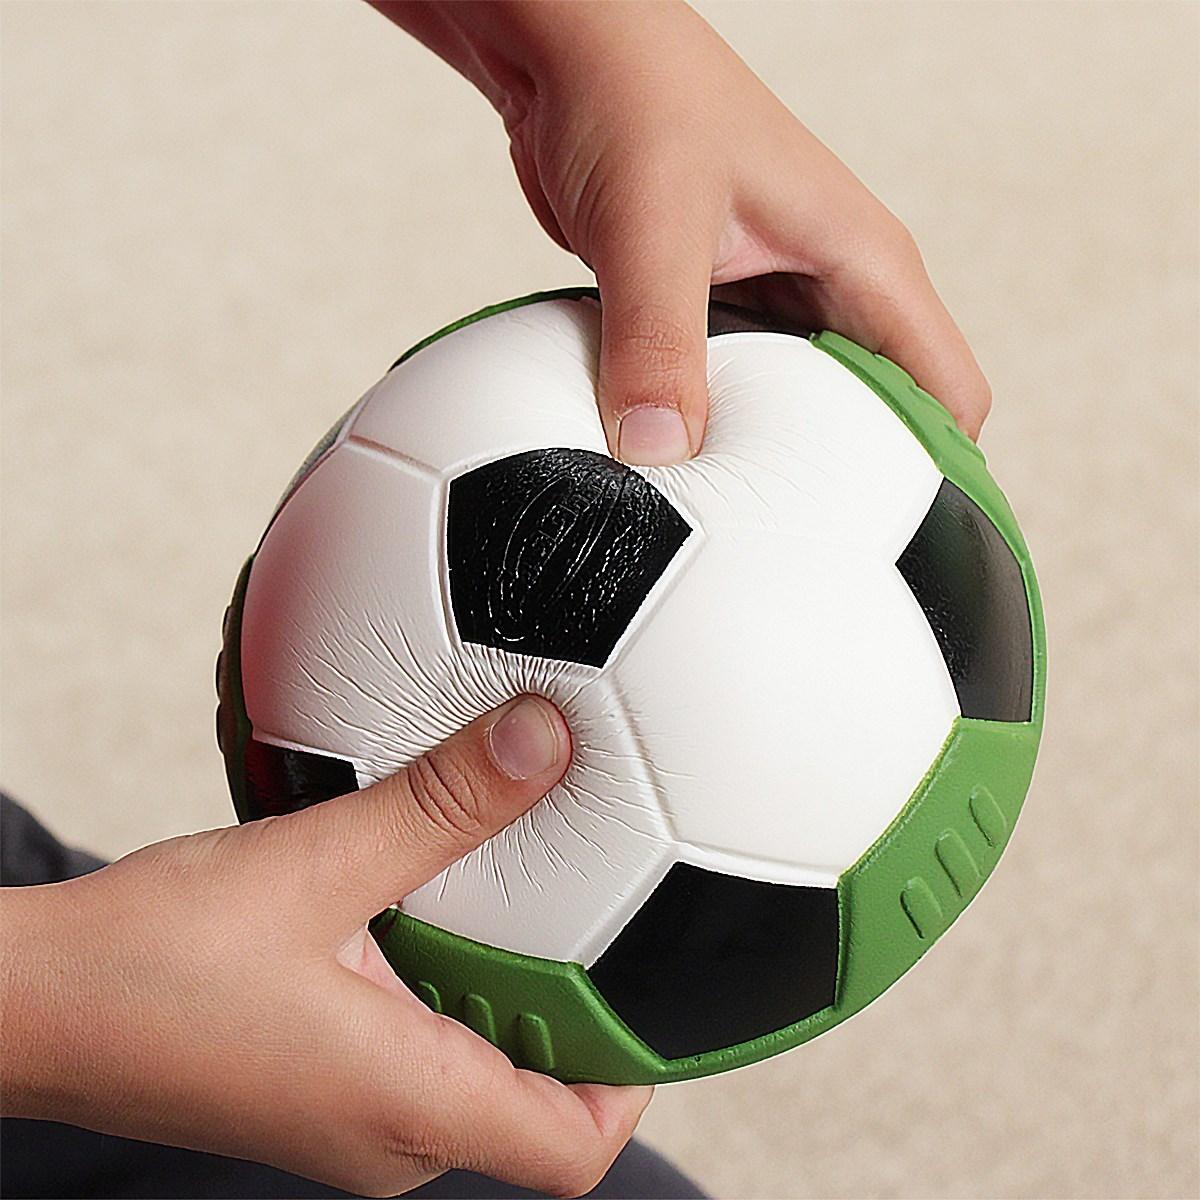 небольшая дыра на мяче